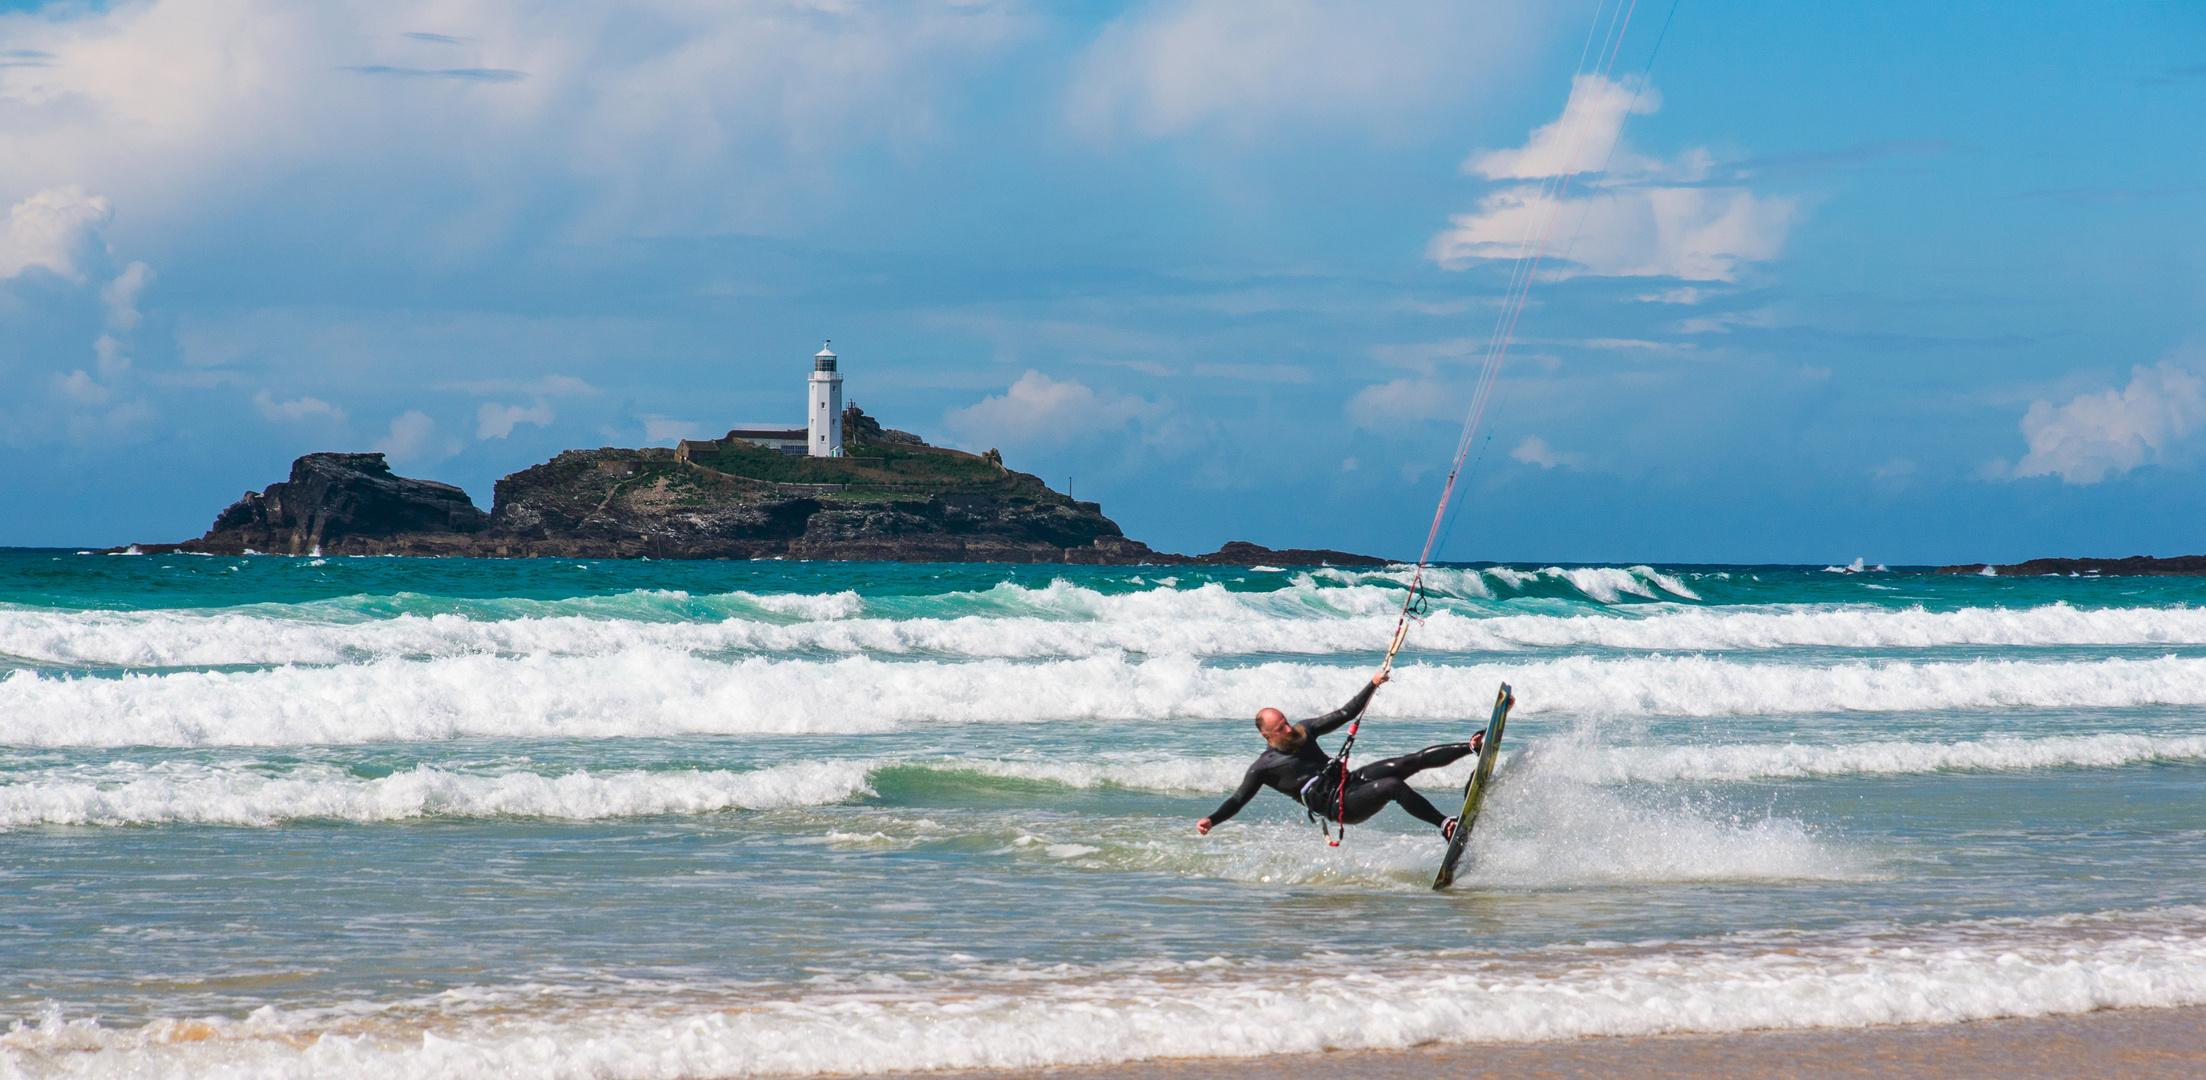 [ Kitesurfing@Godrevy Island ]